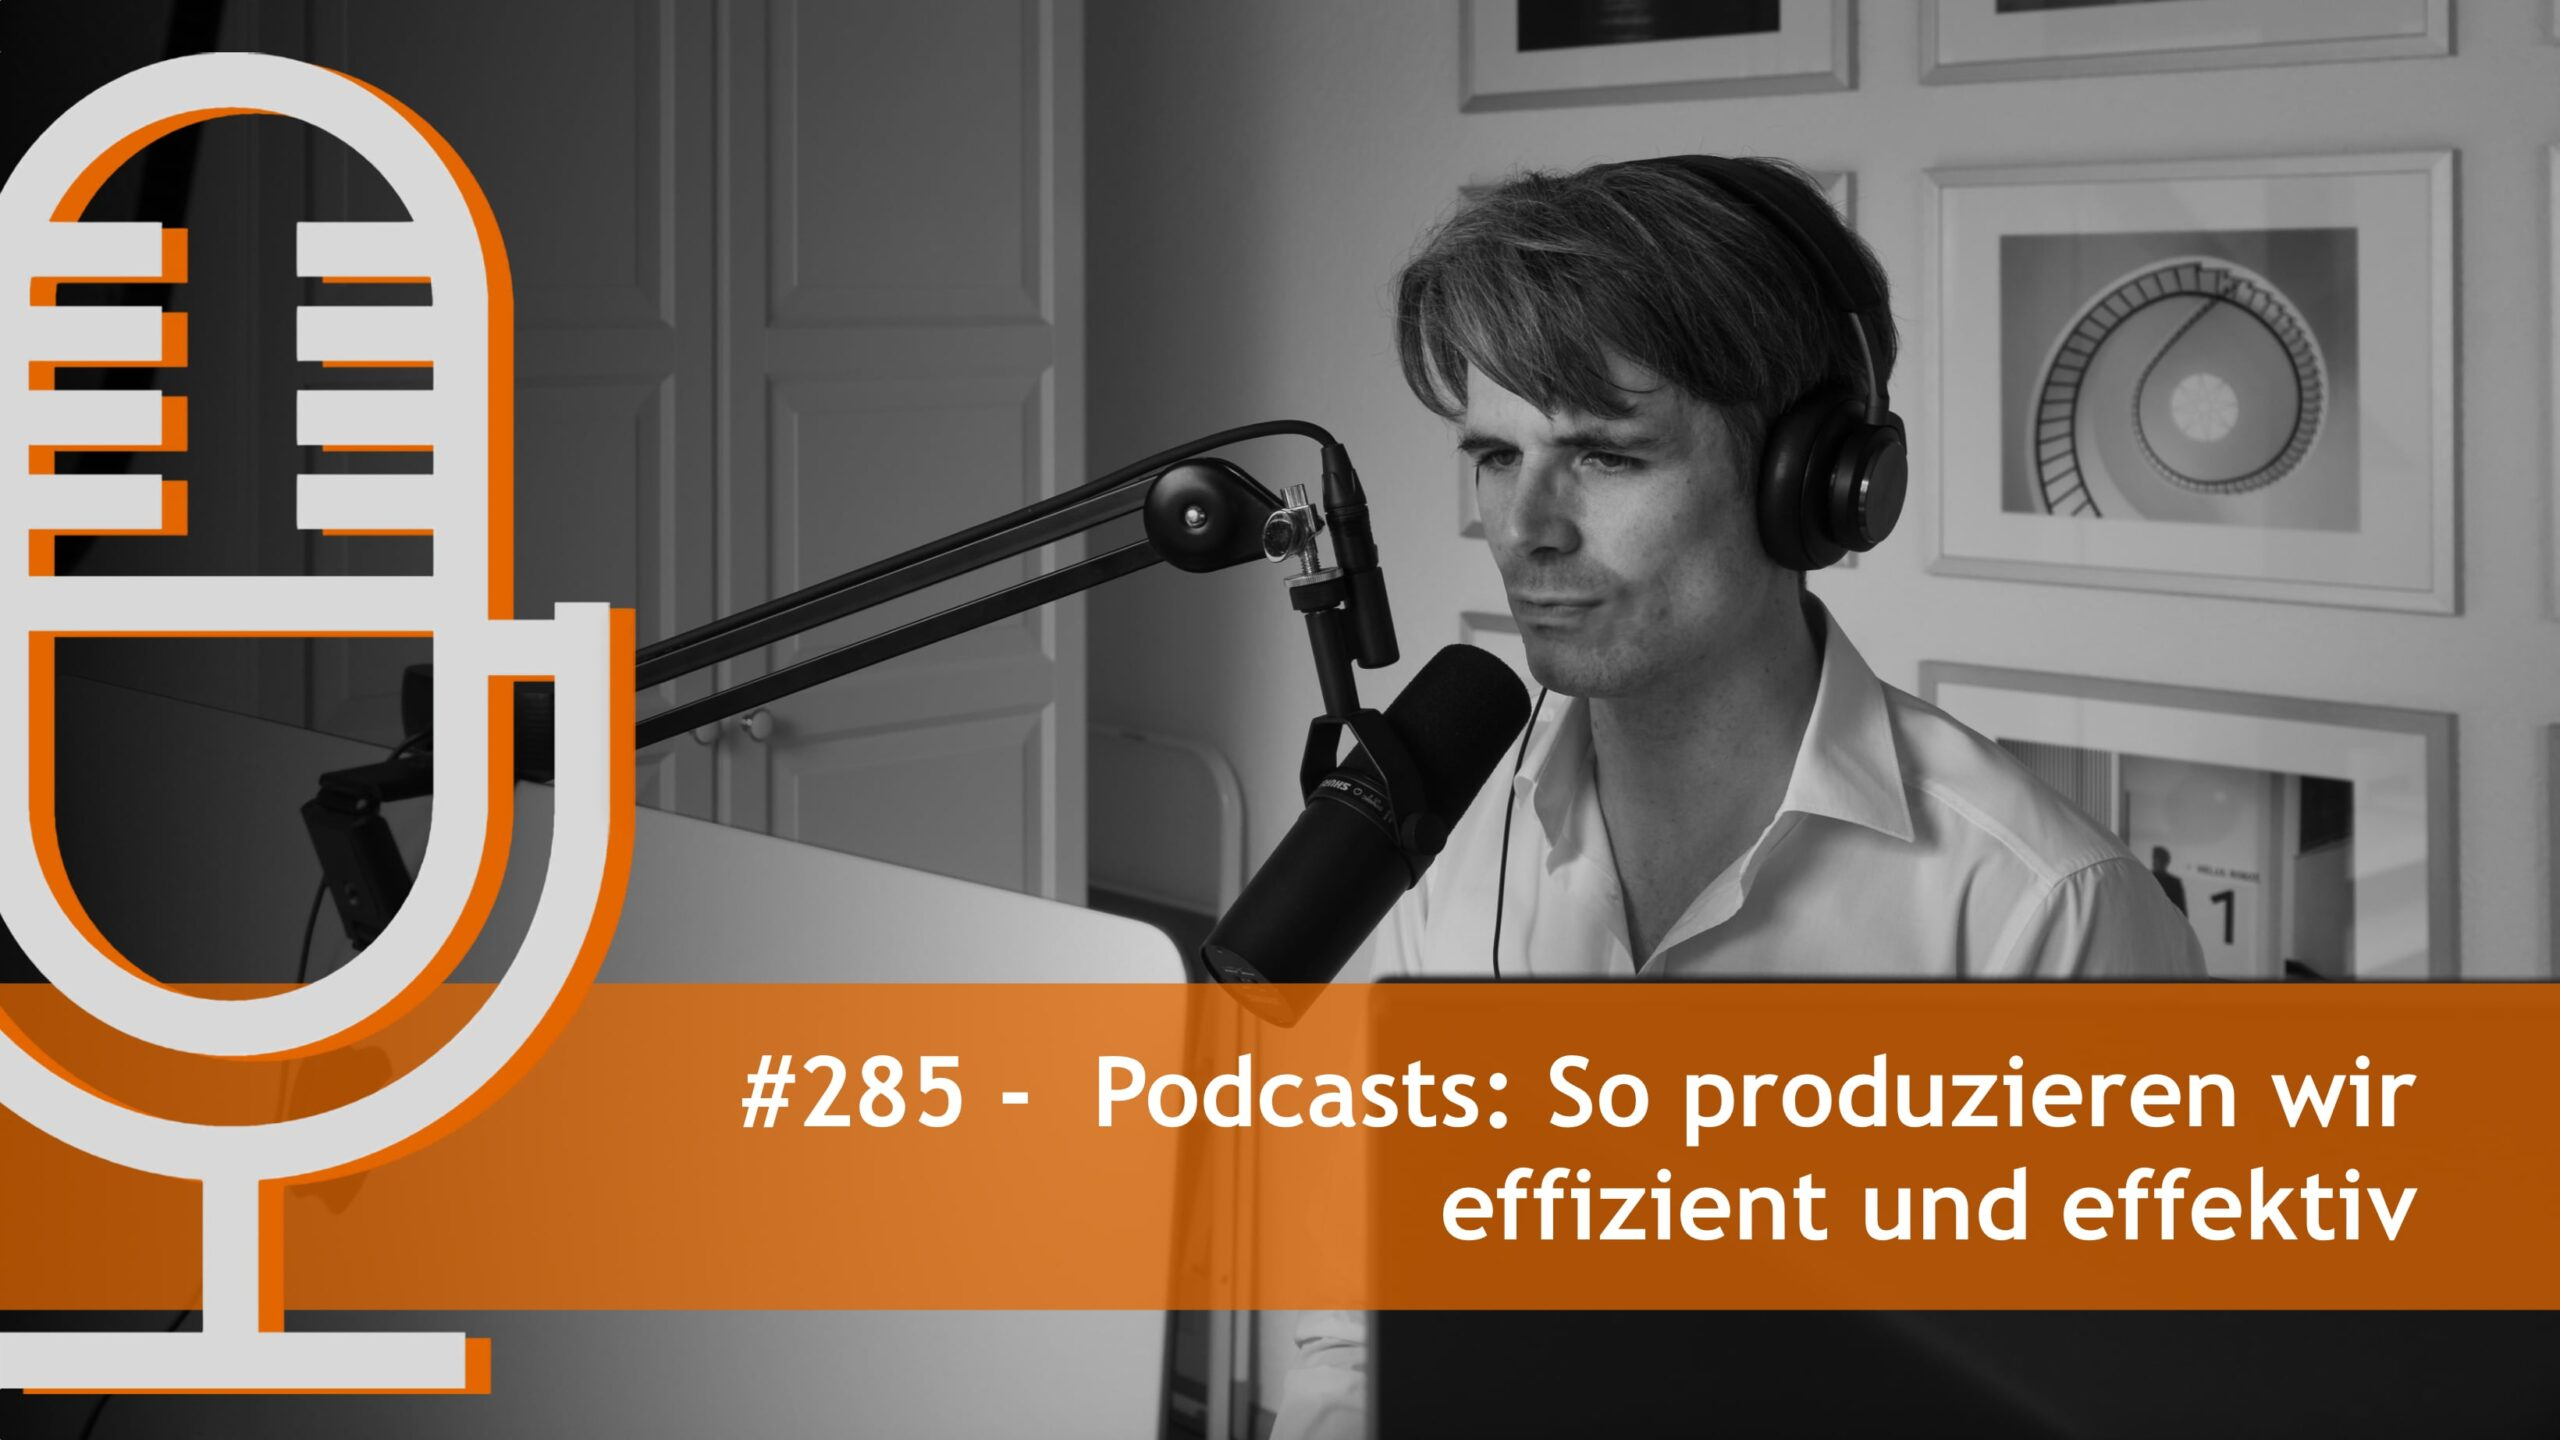 Podcasts: So produzieren wir effizient und effektiv